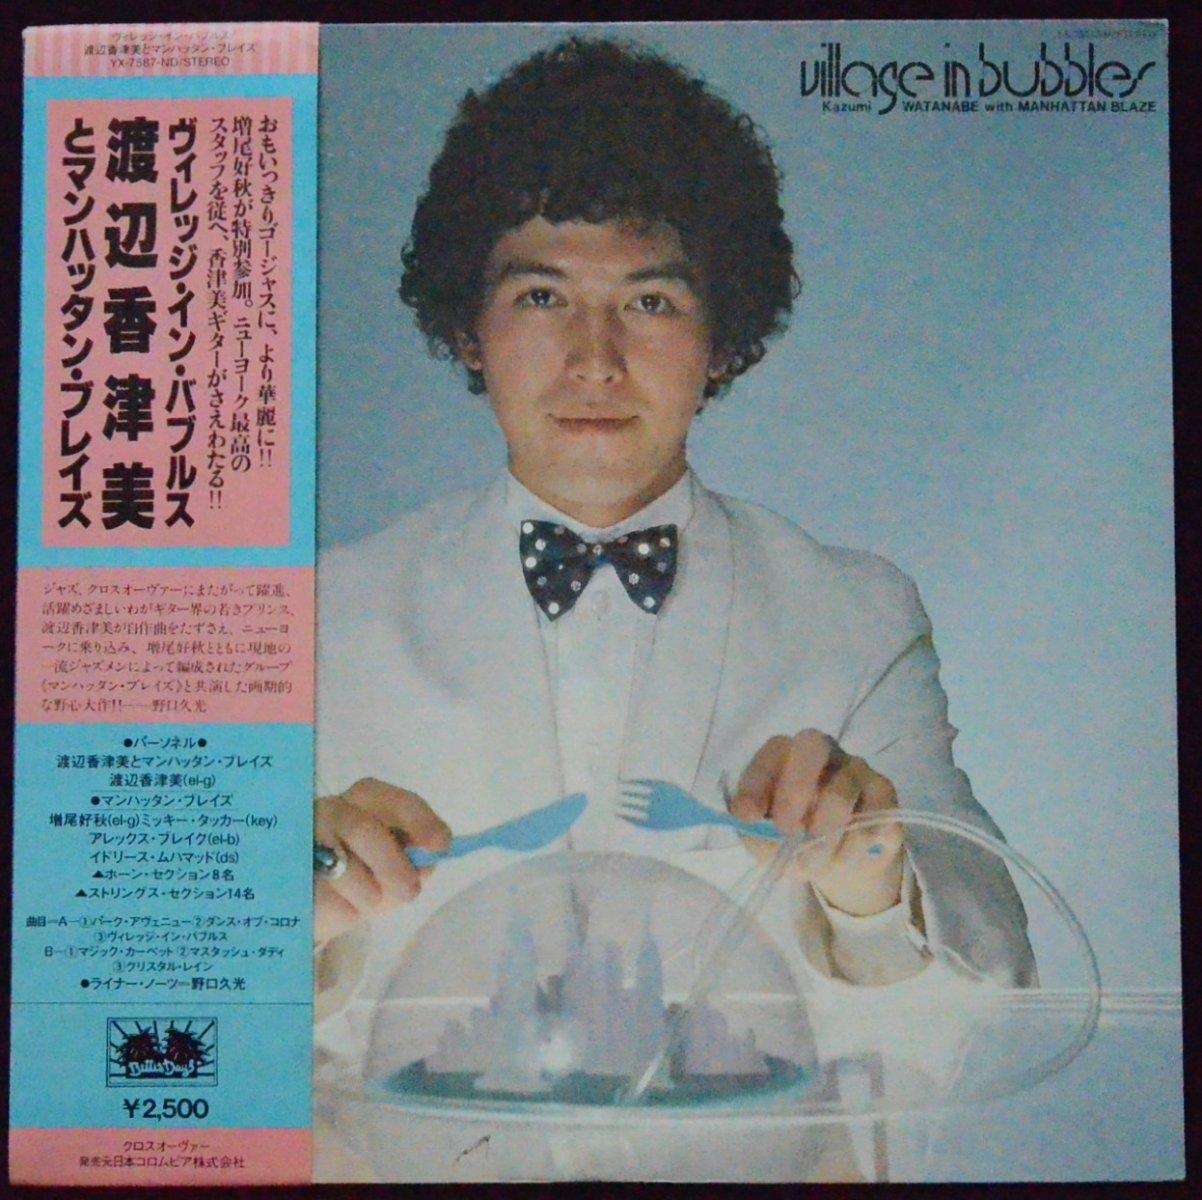 渡辺香津美とマンハッタン・ブレイズ KAZUMI WATANABE WITH MANHATTAN BLAZE / ヴィレッジ・イン・バブルス VILLAGE IN BUBBLES (LP